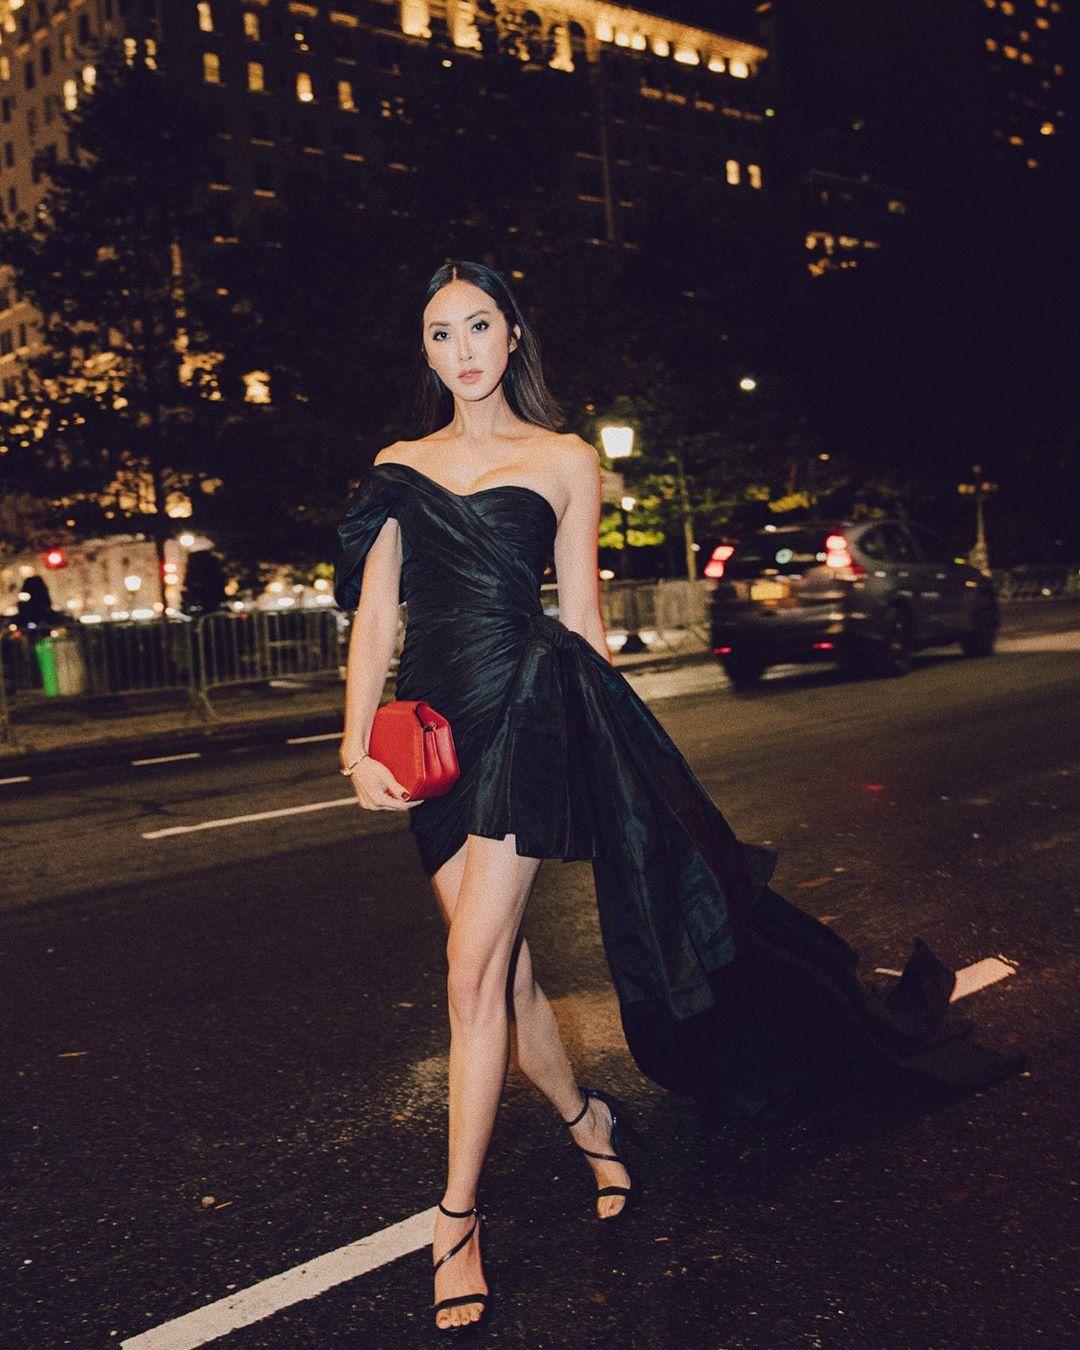 Chriselle Lim mặc đầm đen cầm túi xách đỏ